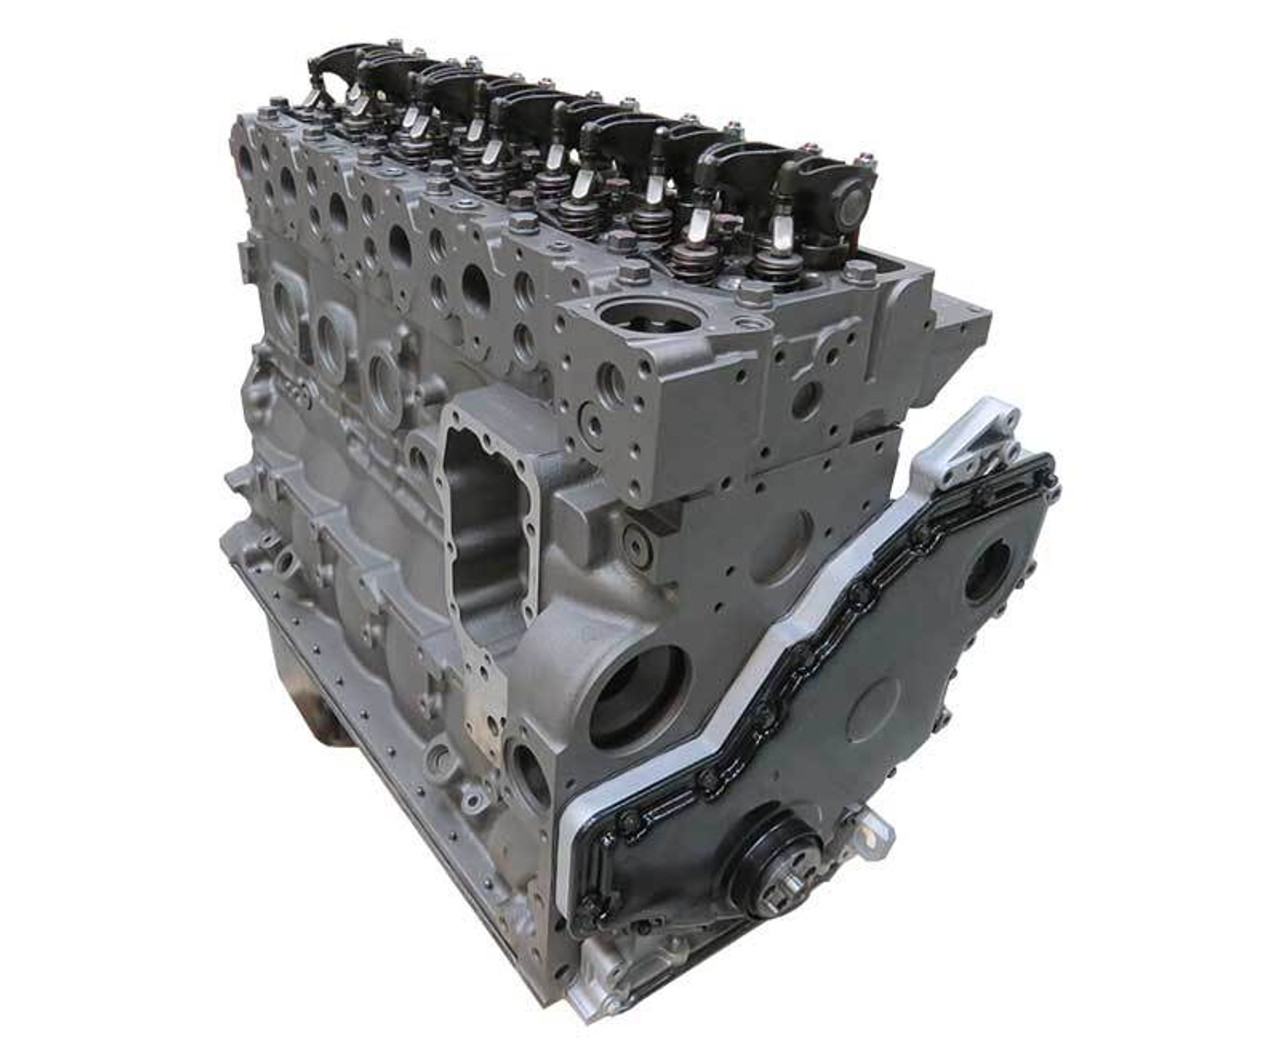 Cummins Diesel Engines >> Dfc Remanufactured Long Block 03 04 Dodge 5 9 Cummins Diesel Engine